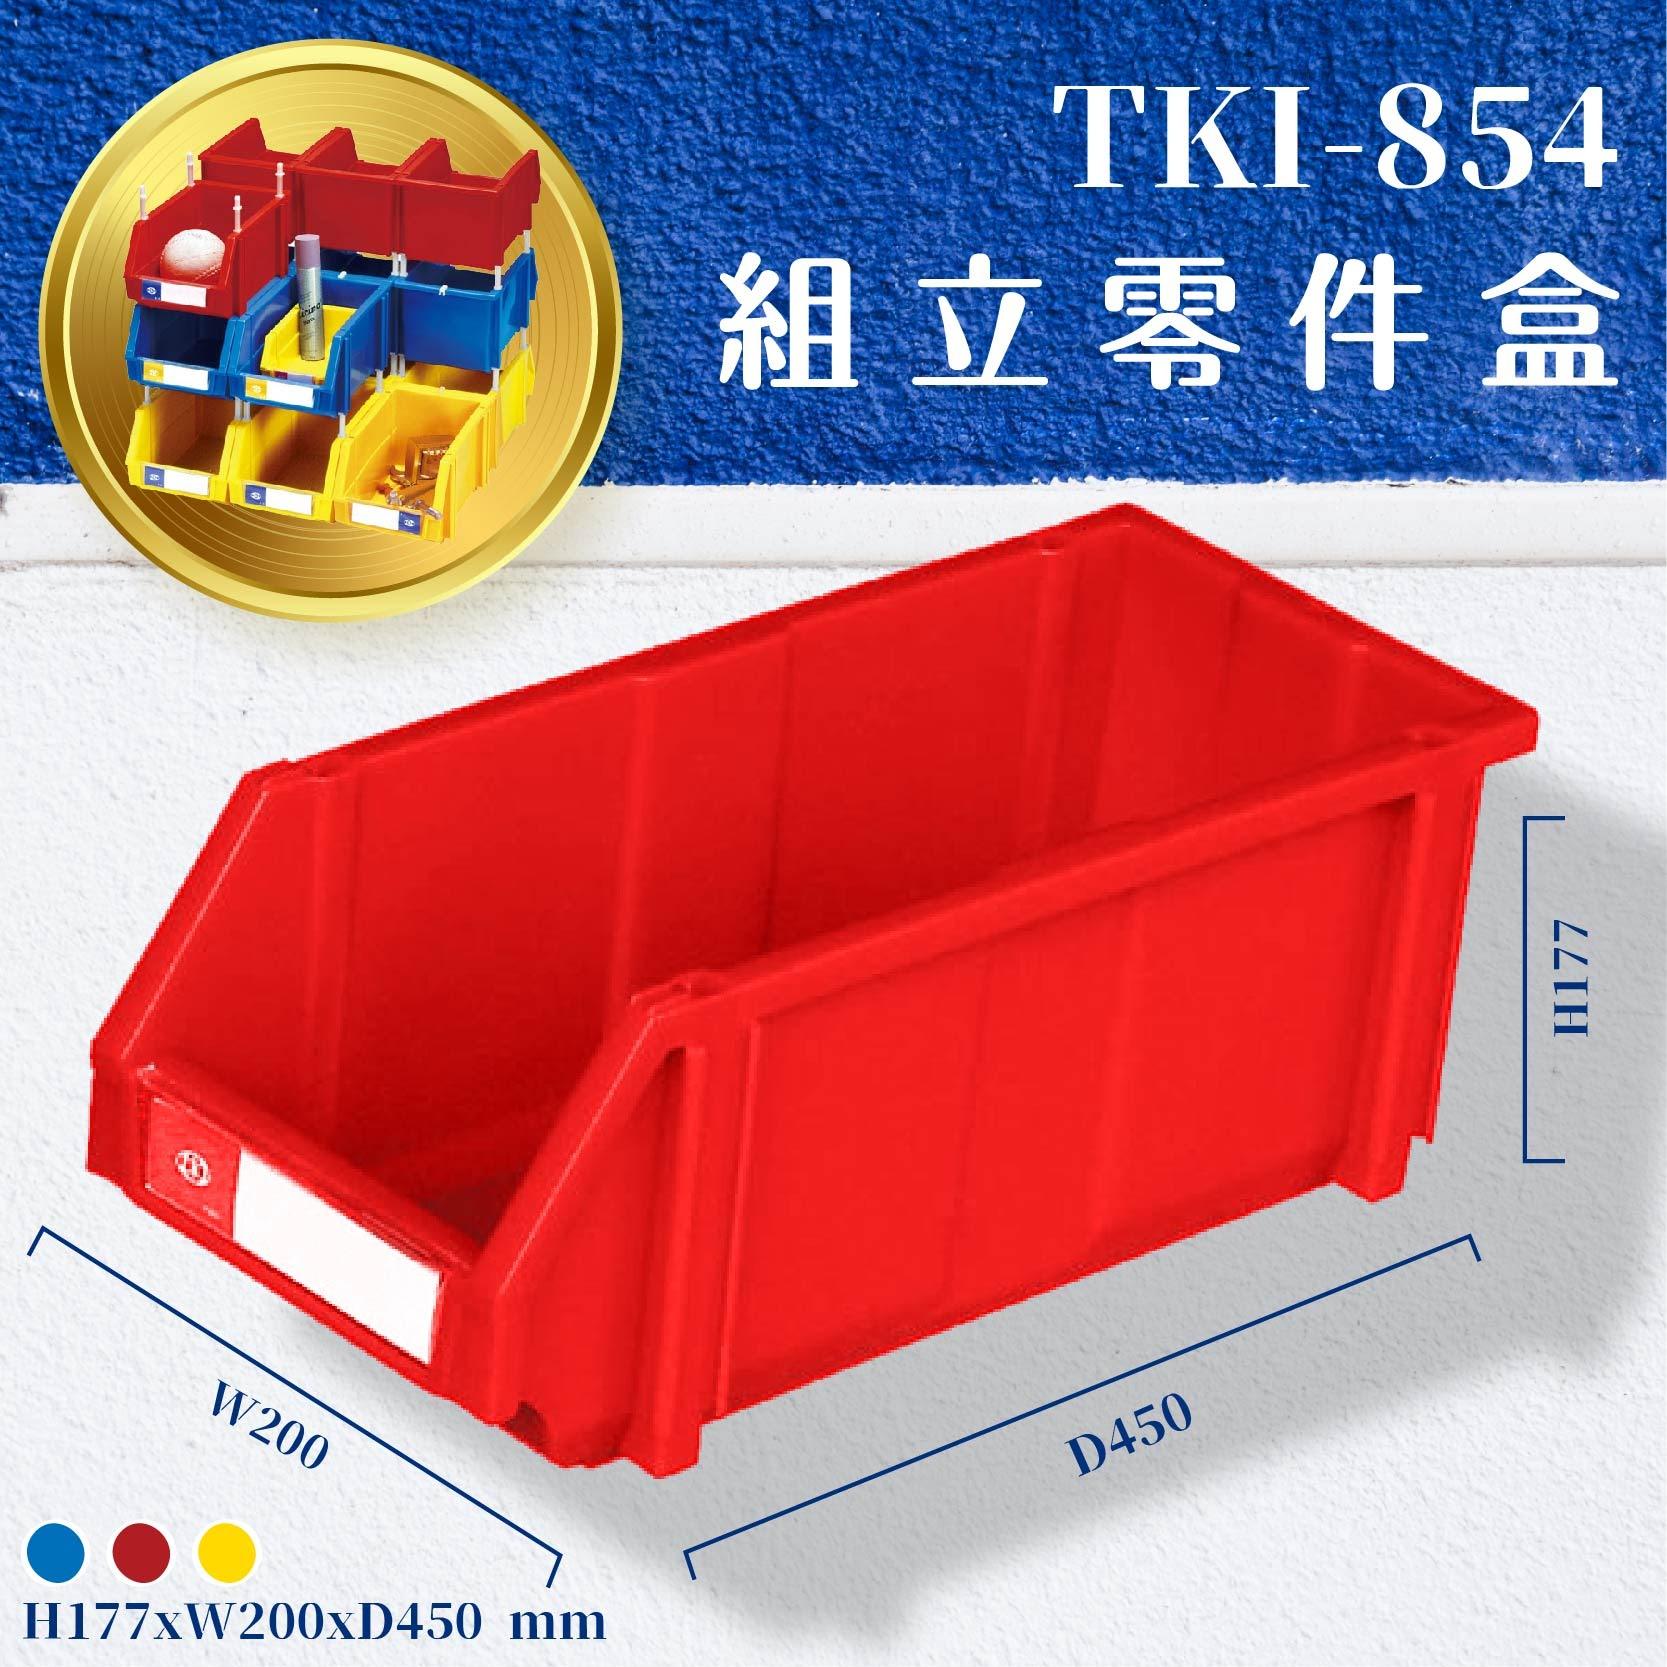 輕鬆收納【天鋼】TKI-854 組立零件盒(紅) 耐衝擊 整理盒 工具盒 分類盒 收納盒 零件 工廠 車廠